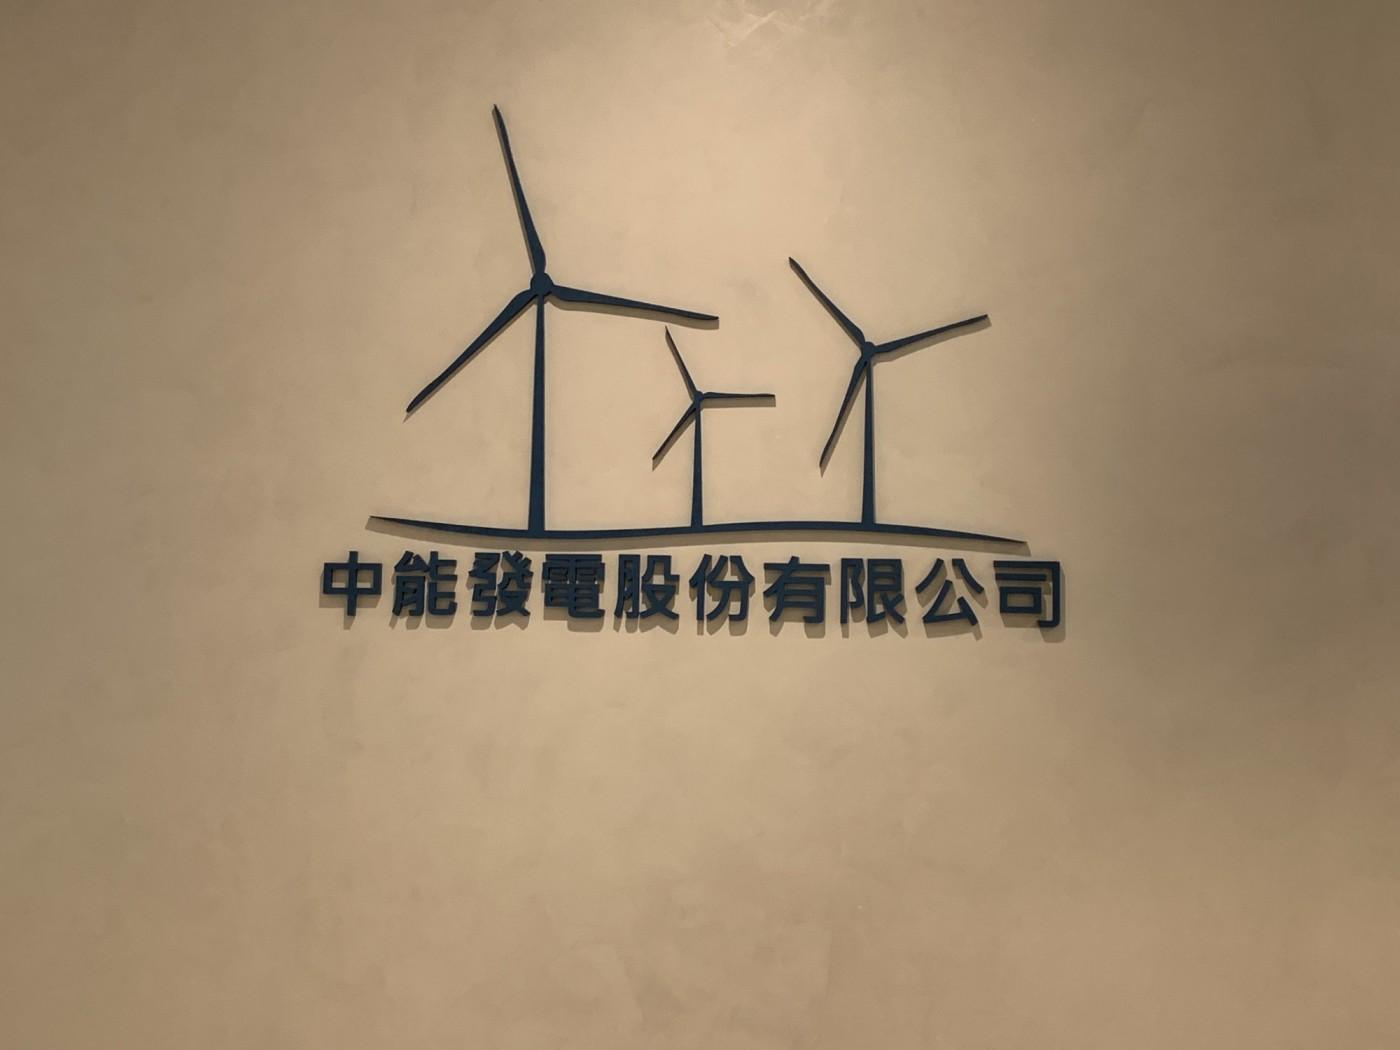 離岸風電跨大步!中鋼結盟CIP造百架國產風機,拚「全球之最」在地化風場